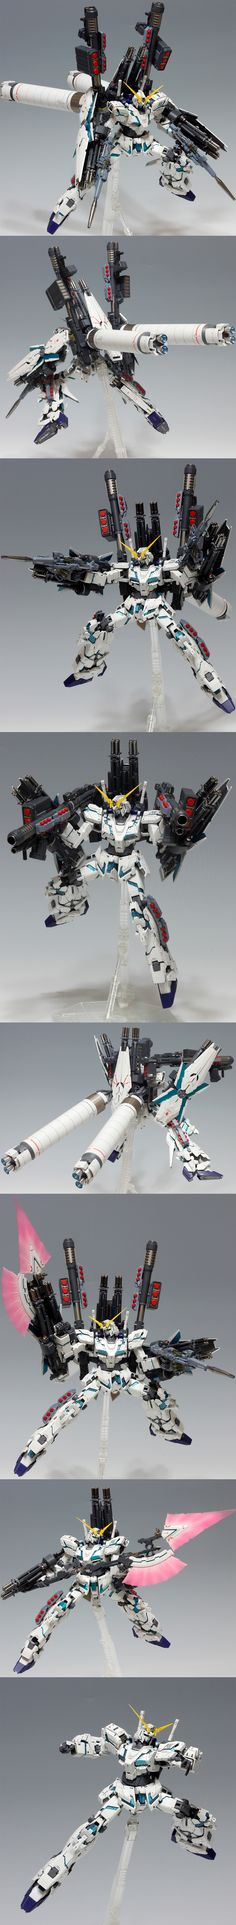 """MG Full Armor Unicorn Gundam Ver.Ka Remodeled by TEAM_SKY """"Karna"""" Full Photoreview Wallpaper Size Images, Info   GUNJAP"""